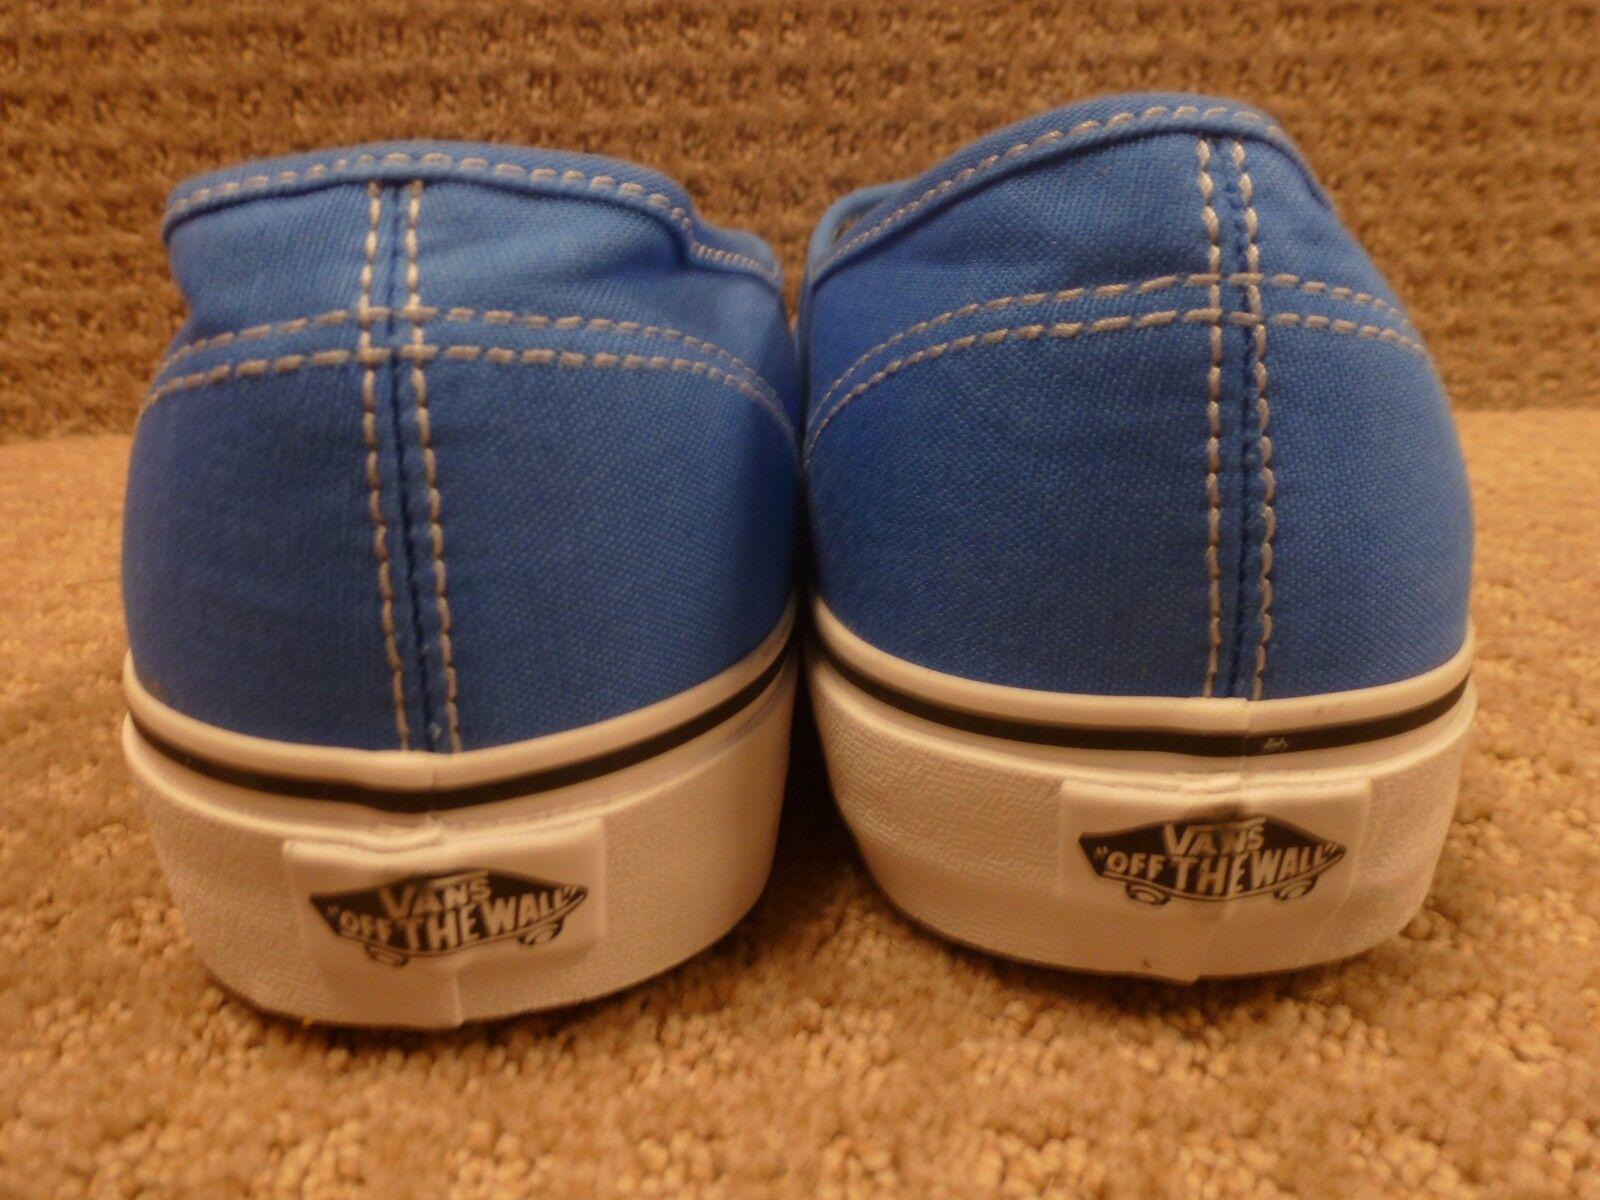 I furgoni delle scarpe maschili maschili scarpe '